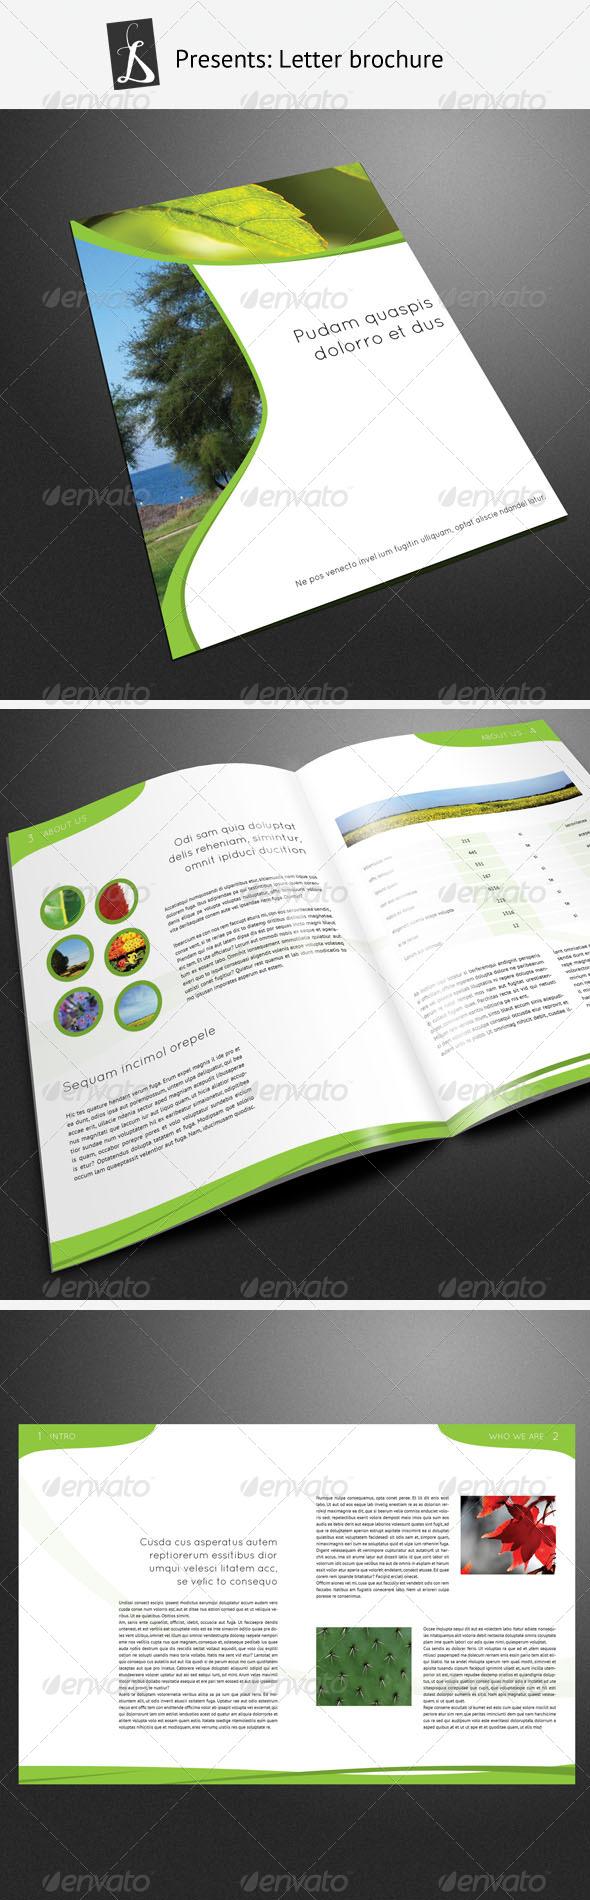 Corporate Brochure 5 - Corporate Brochures